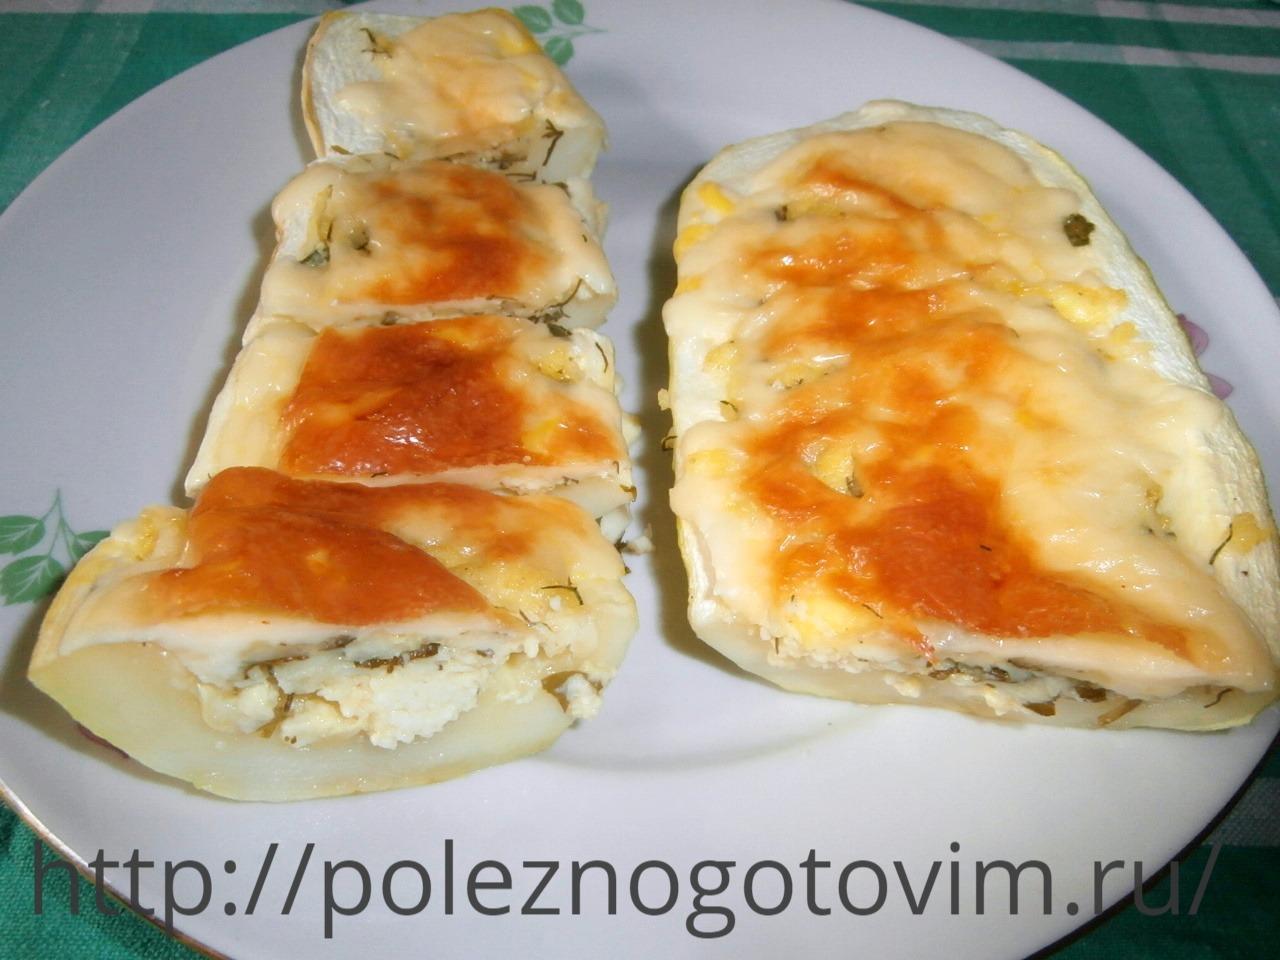 Кабачки с творогом рецепт пошагово в духовке